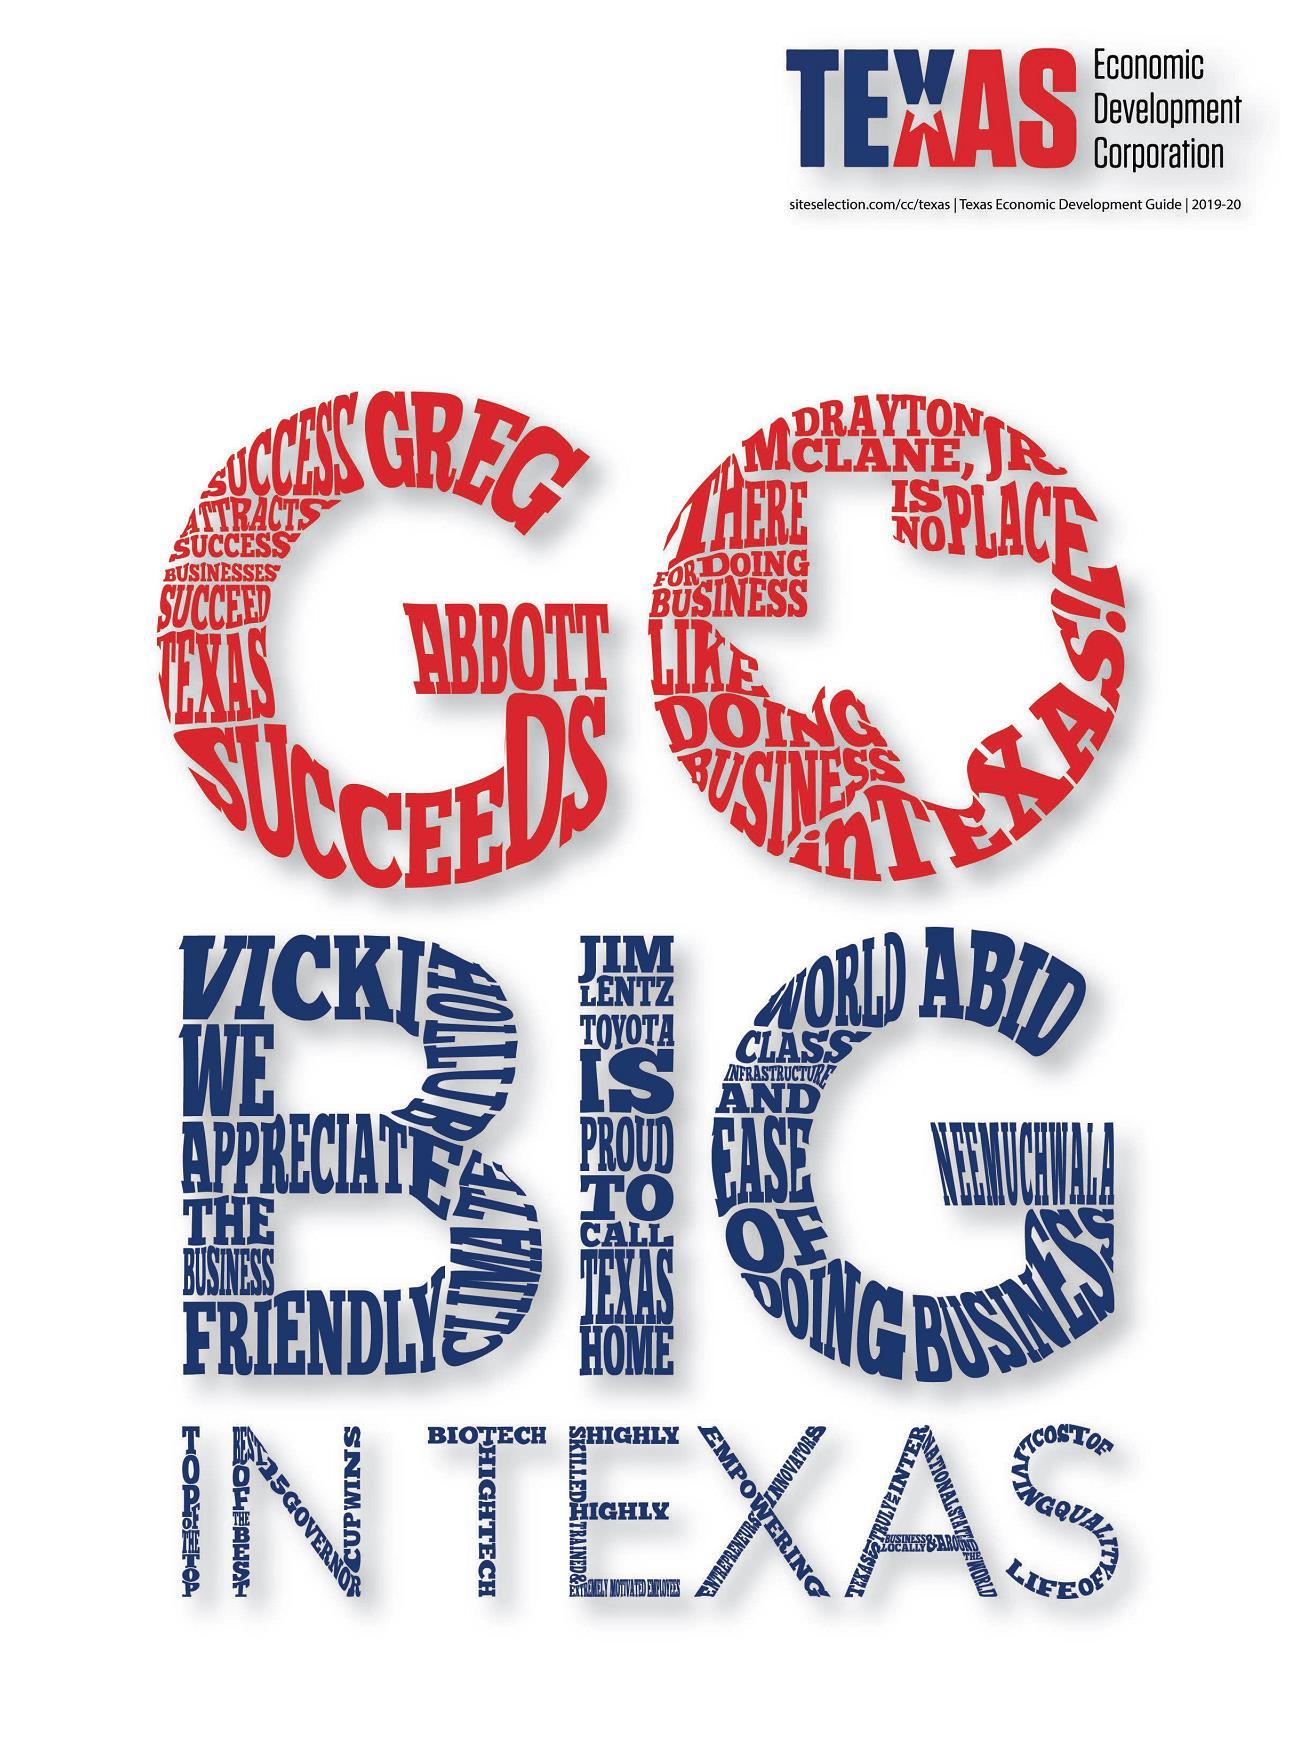 Go Big in Texas Economic Development Guide 2019